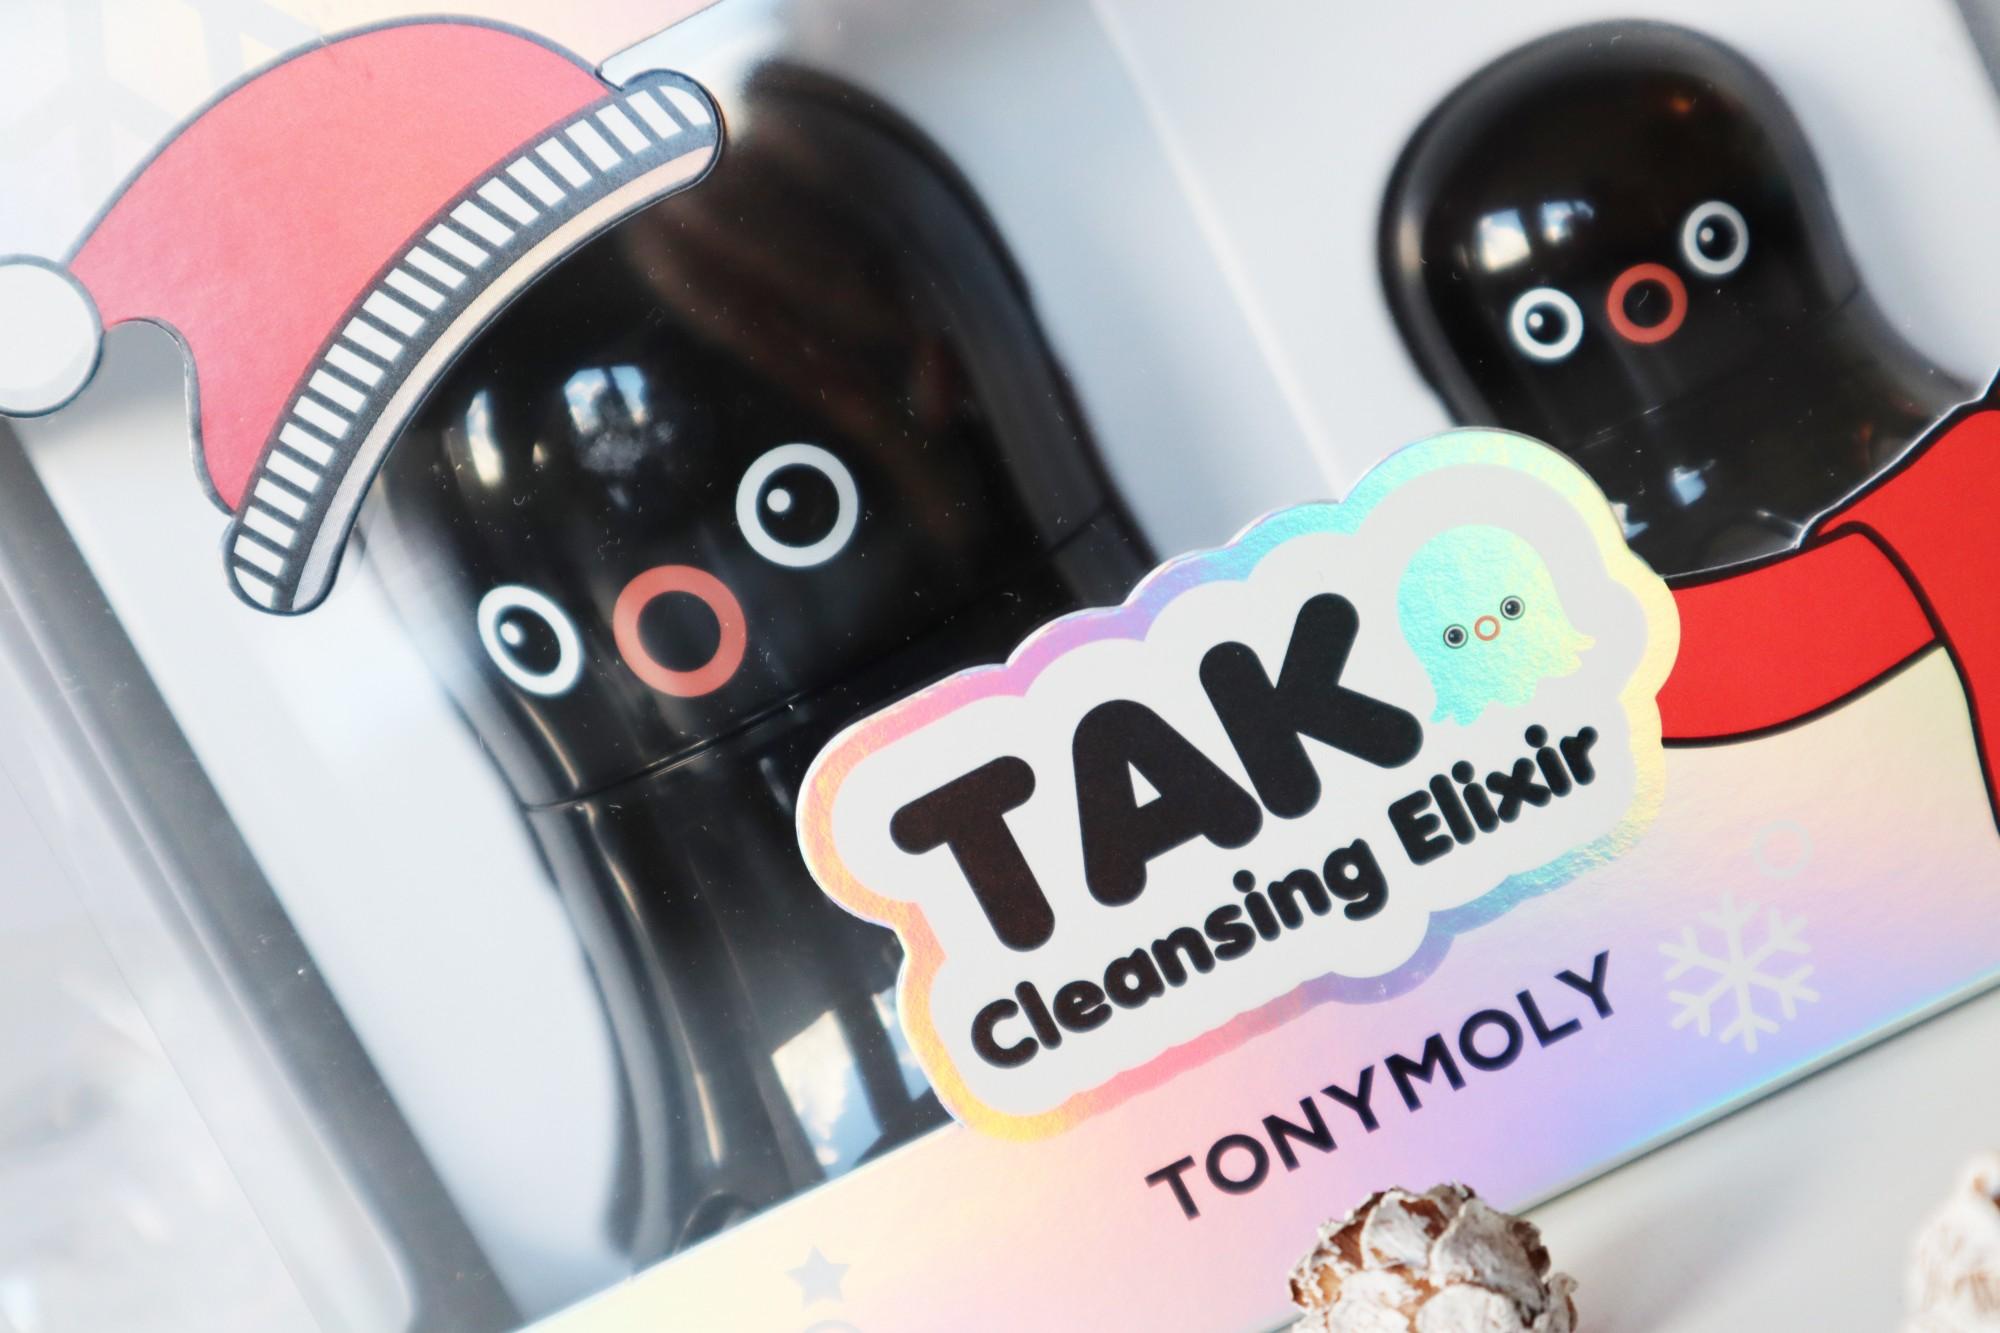 Tonymoly Tako Cleansing Elixer Holiday set